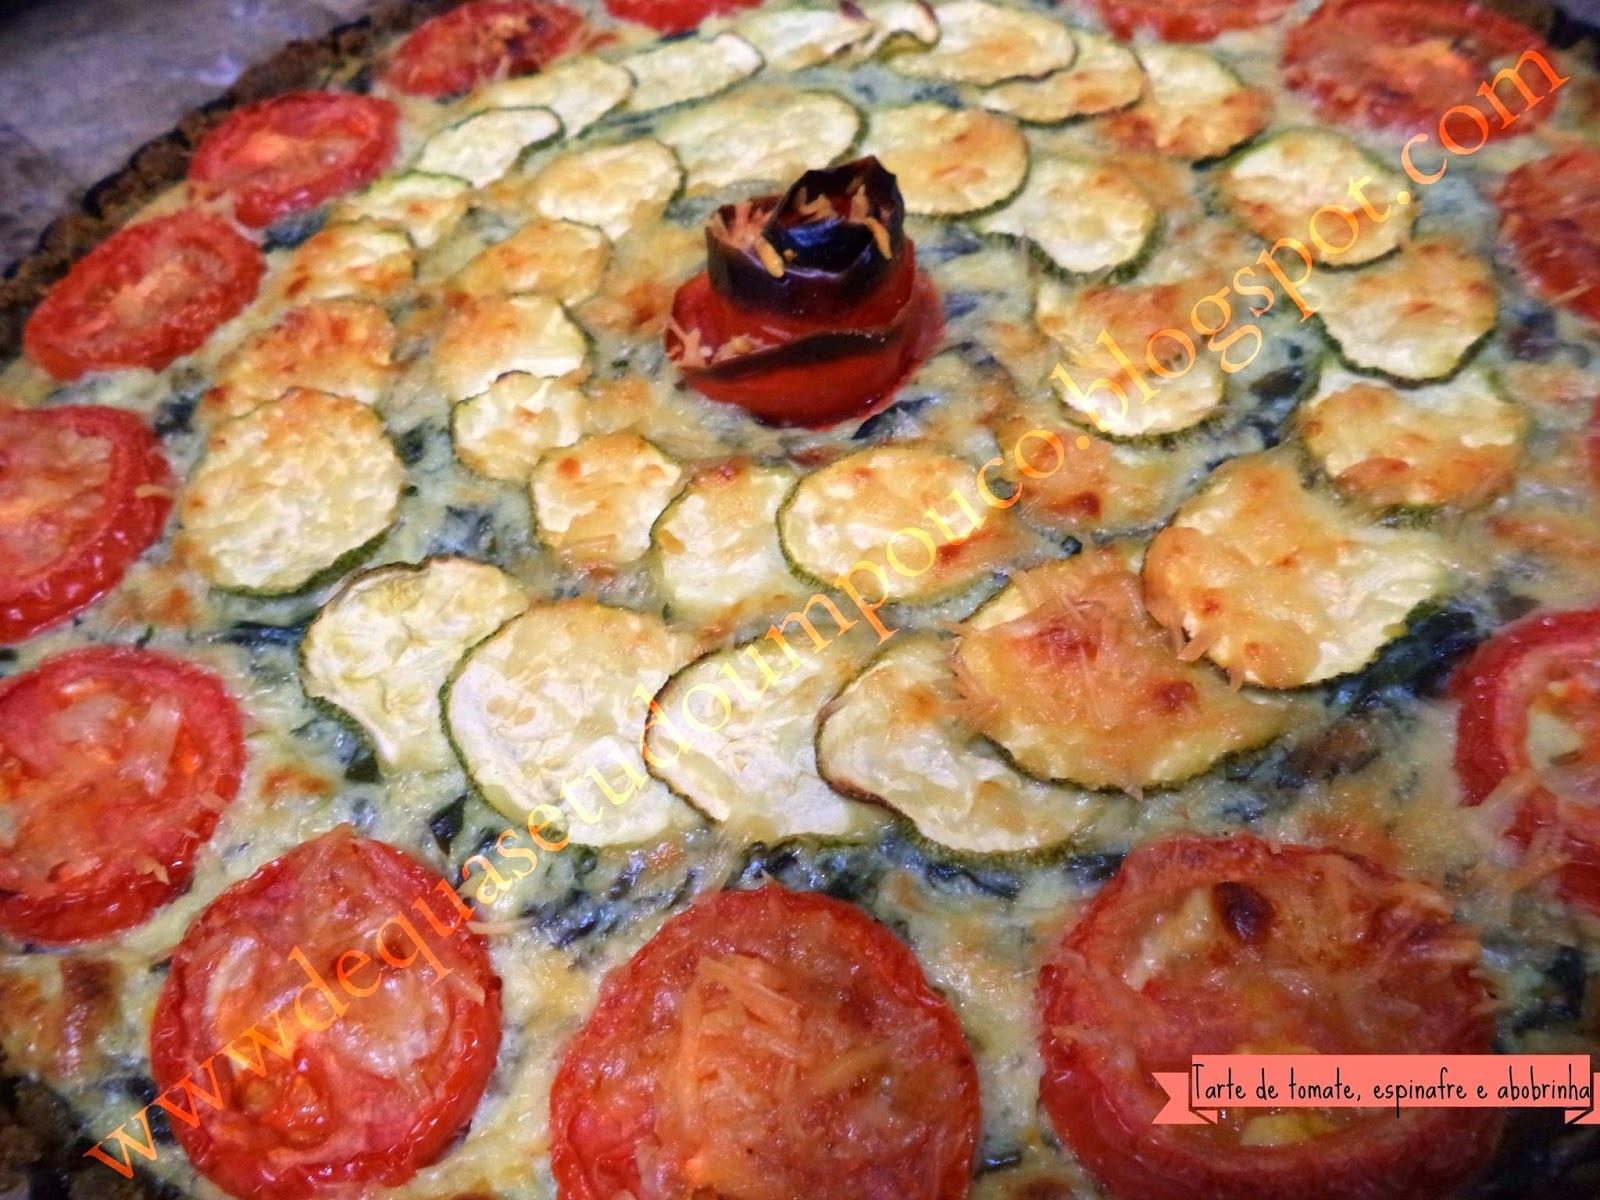 Tarte de tomate, espinafre e abobrinha